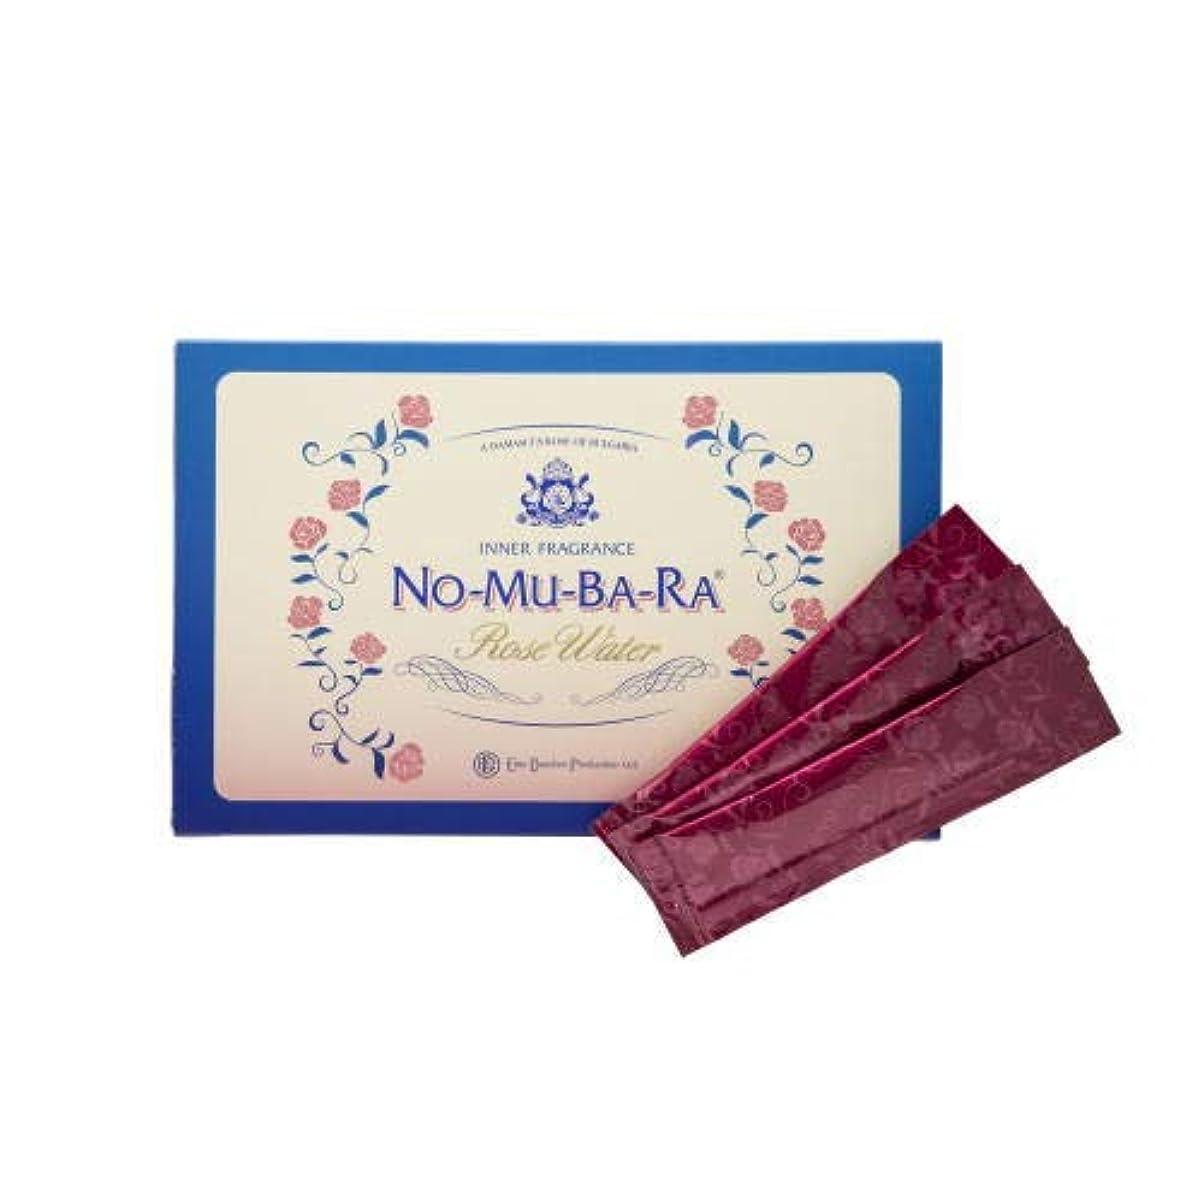 除外する二年生著作権NO-MU-BA-RA NO-MU-BA-RA(ノムバラ)(35包入)×2箱【モンドセレクション受賞】